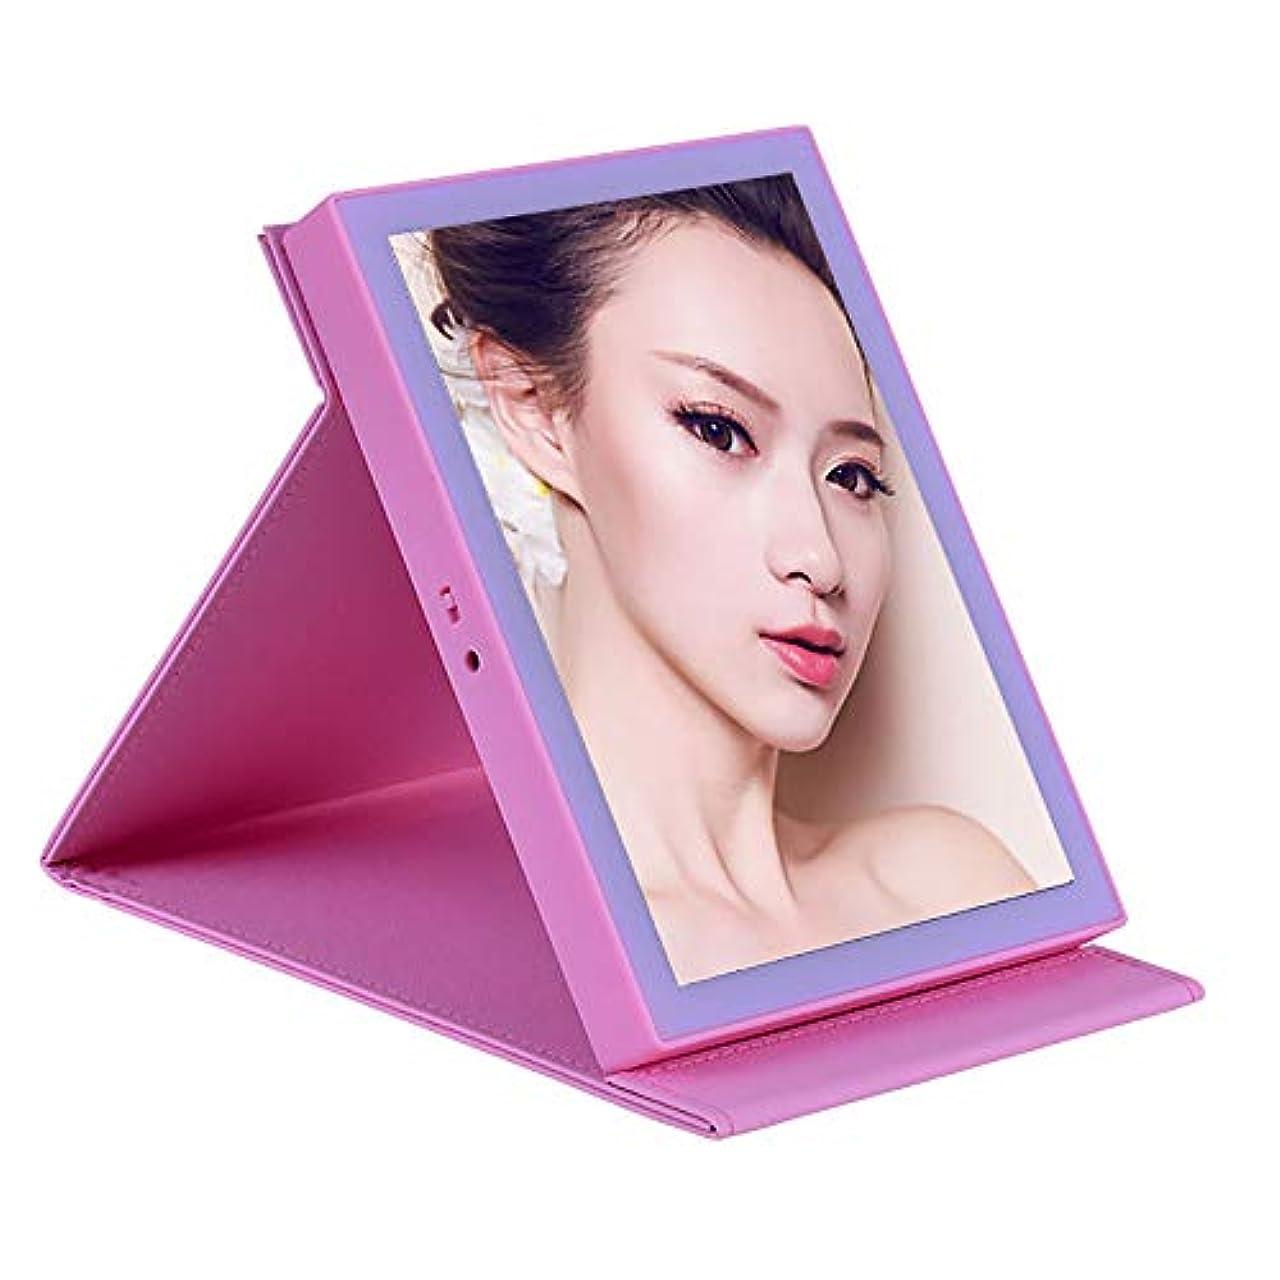 ドレスフィードオン日曜日化粧鏡は充電式シングルミラー自立型ポータブルミラーを主導